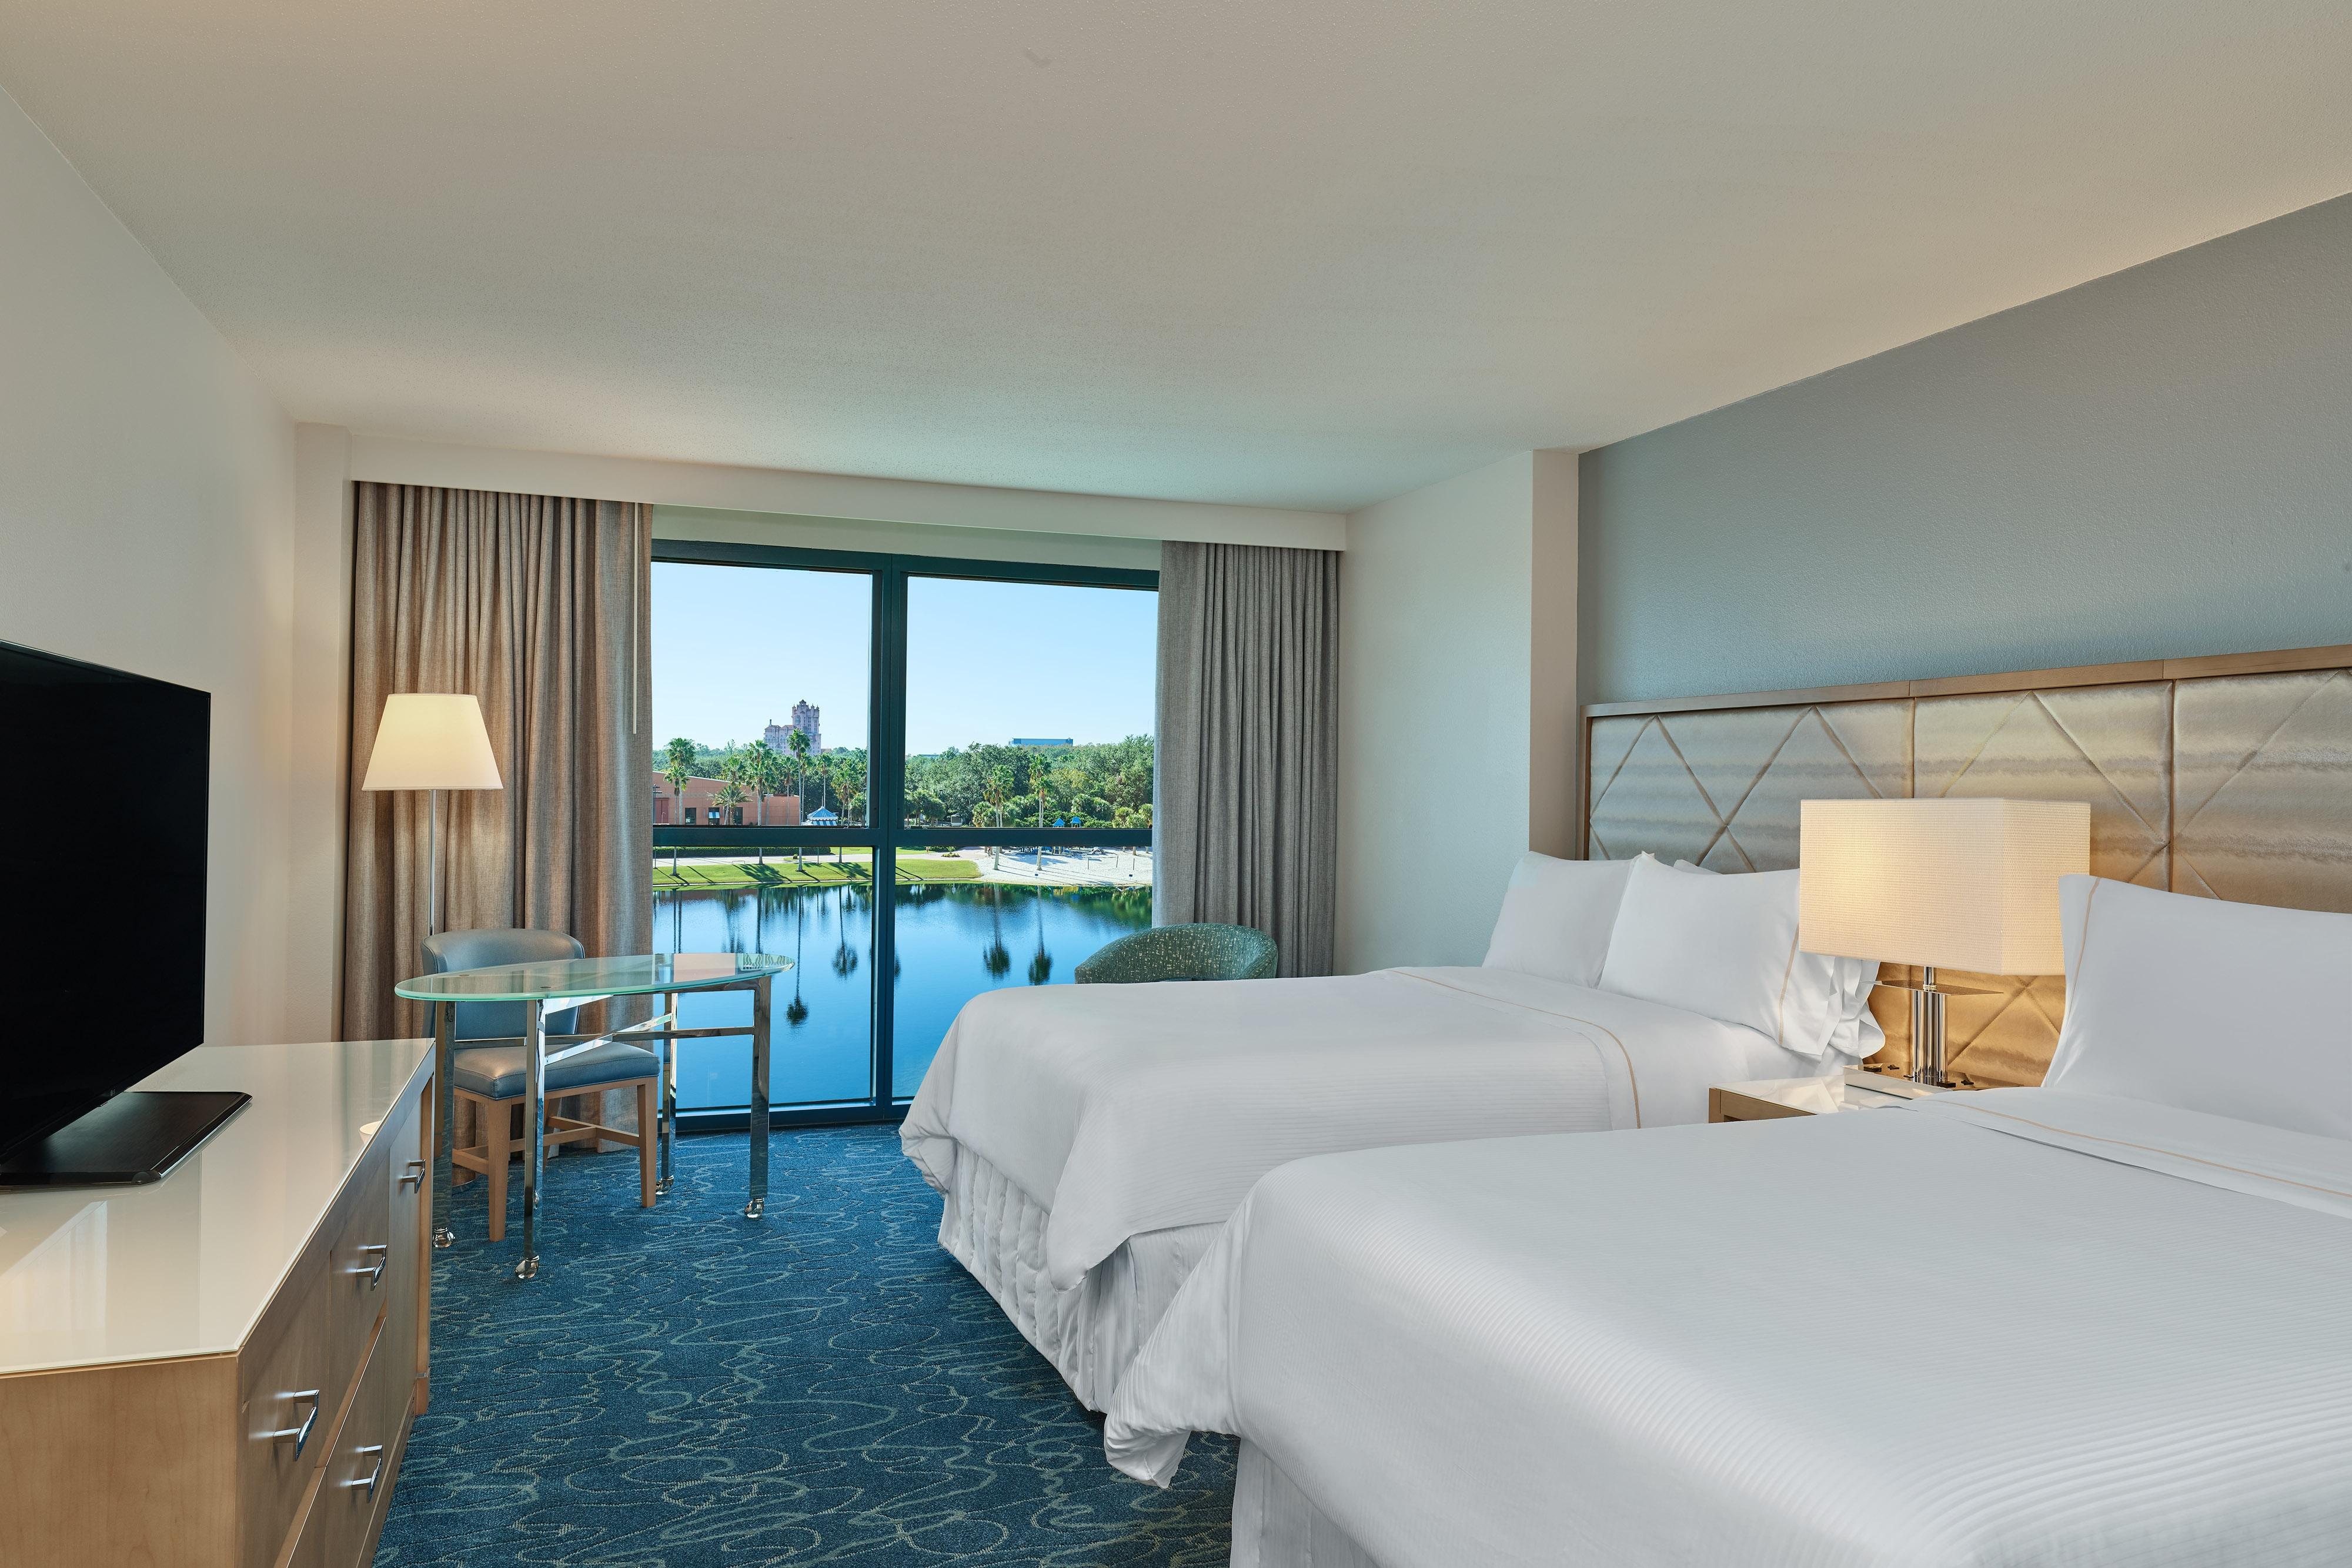 Gästezimmer mit zwei Doppelbetten und Lagunenblick